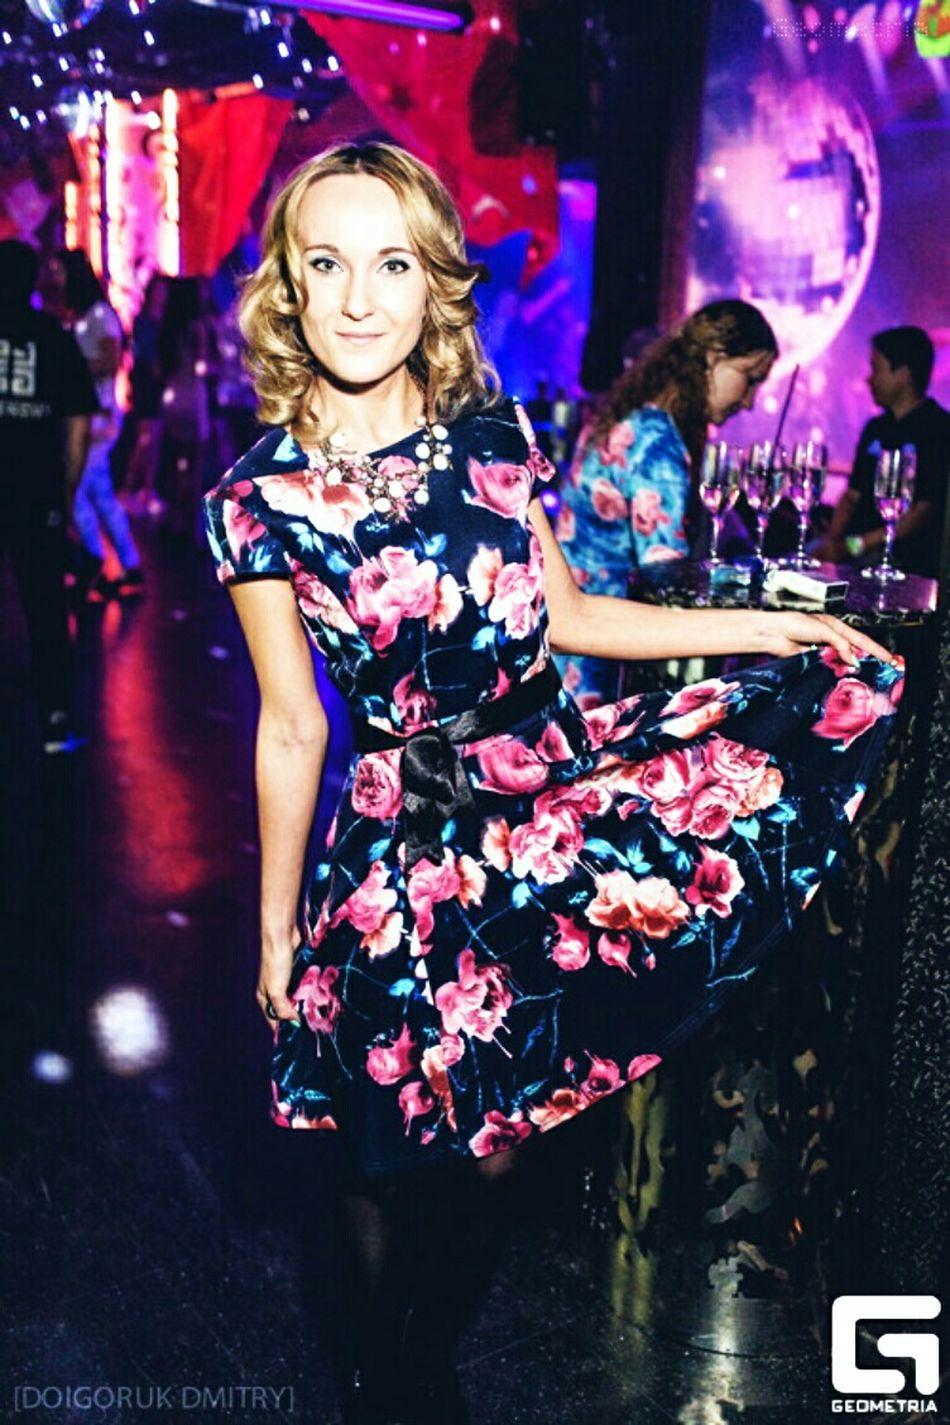 The Fashionist - 2015 EyeEm Awards